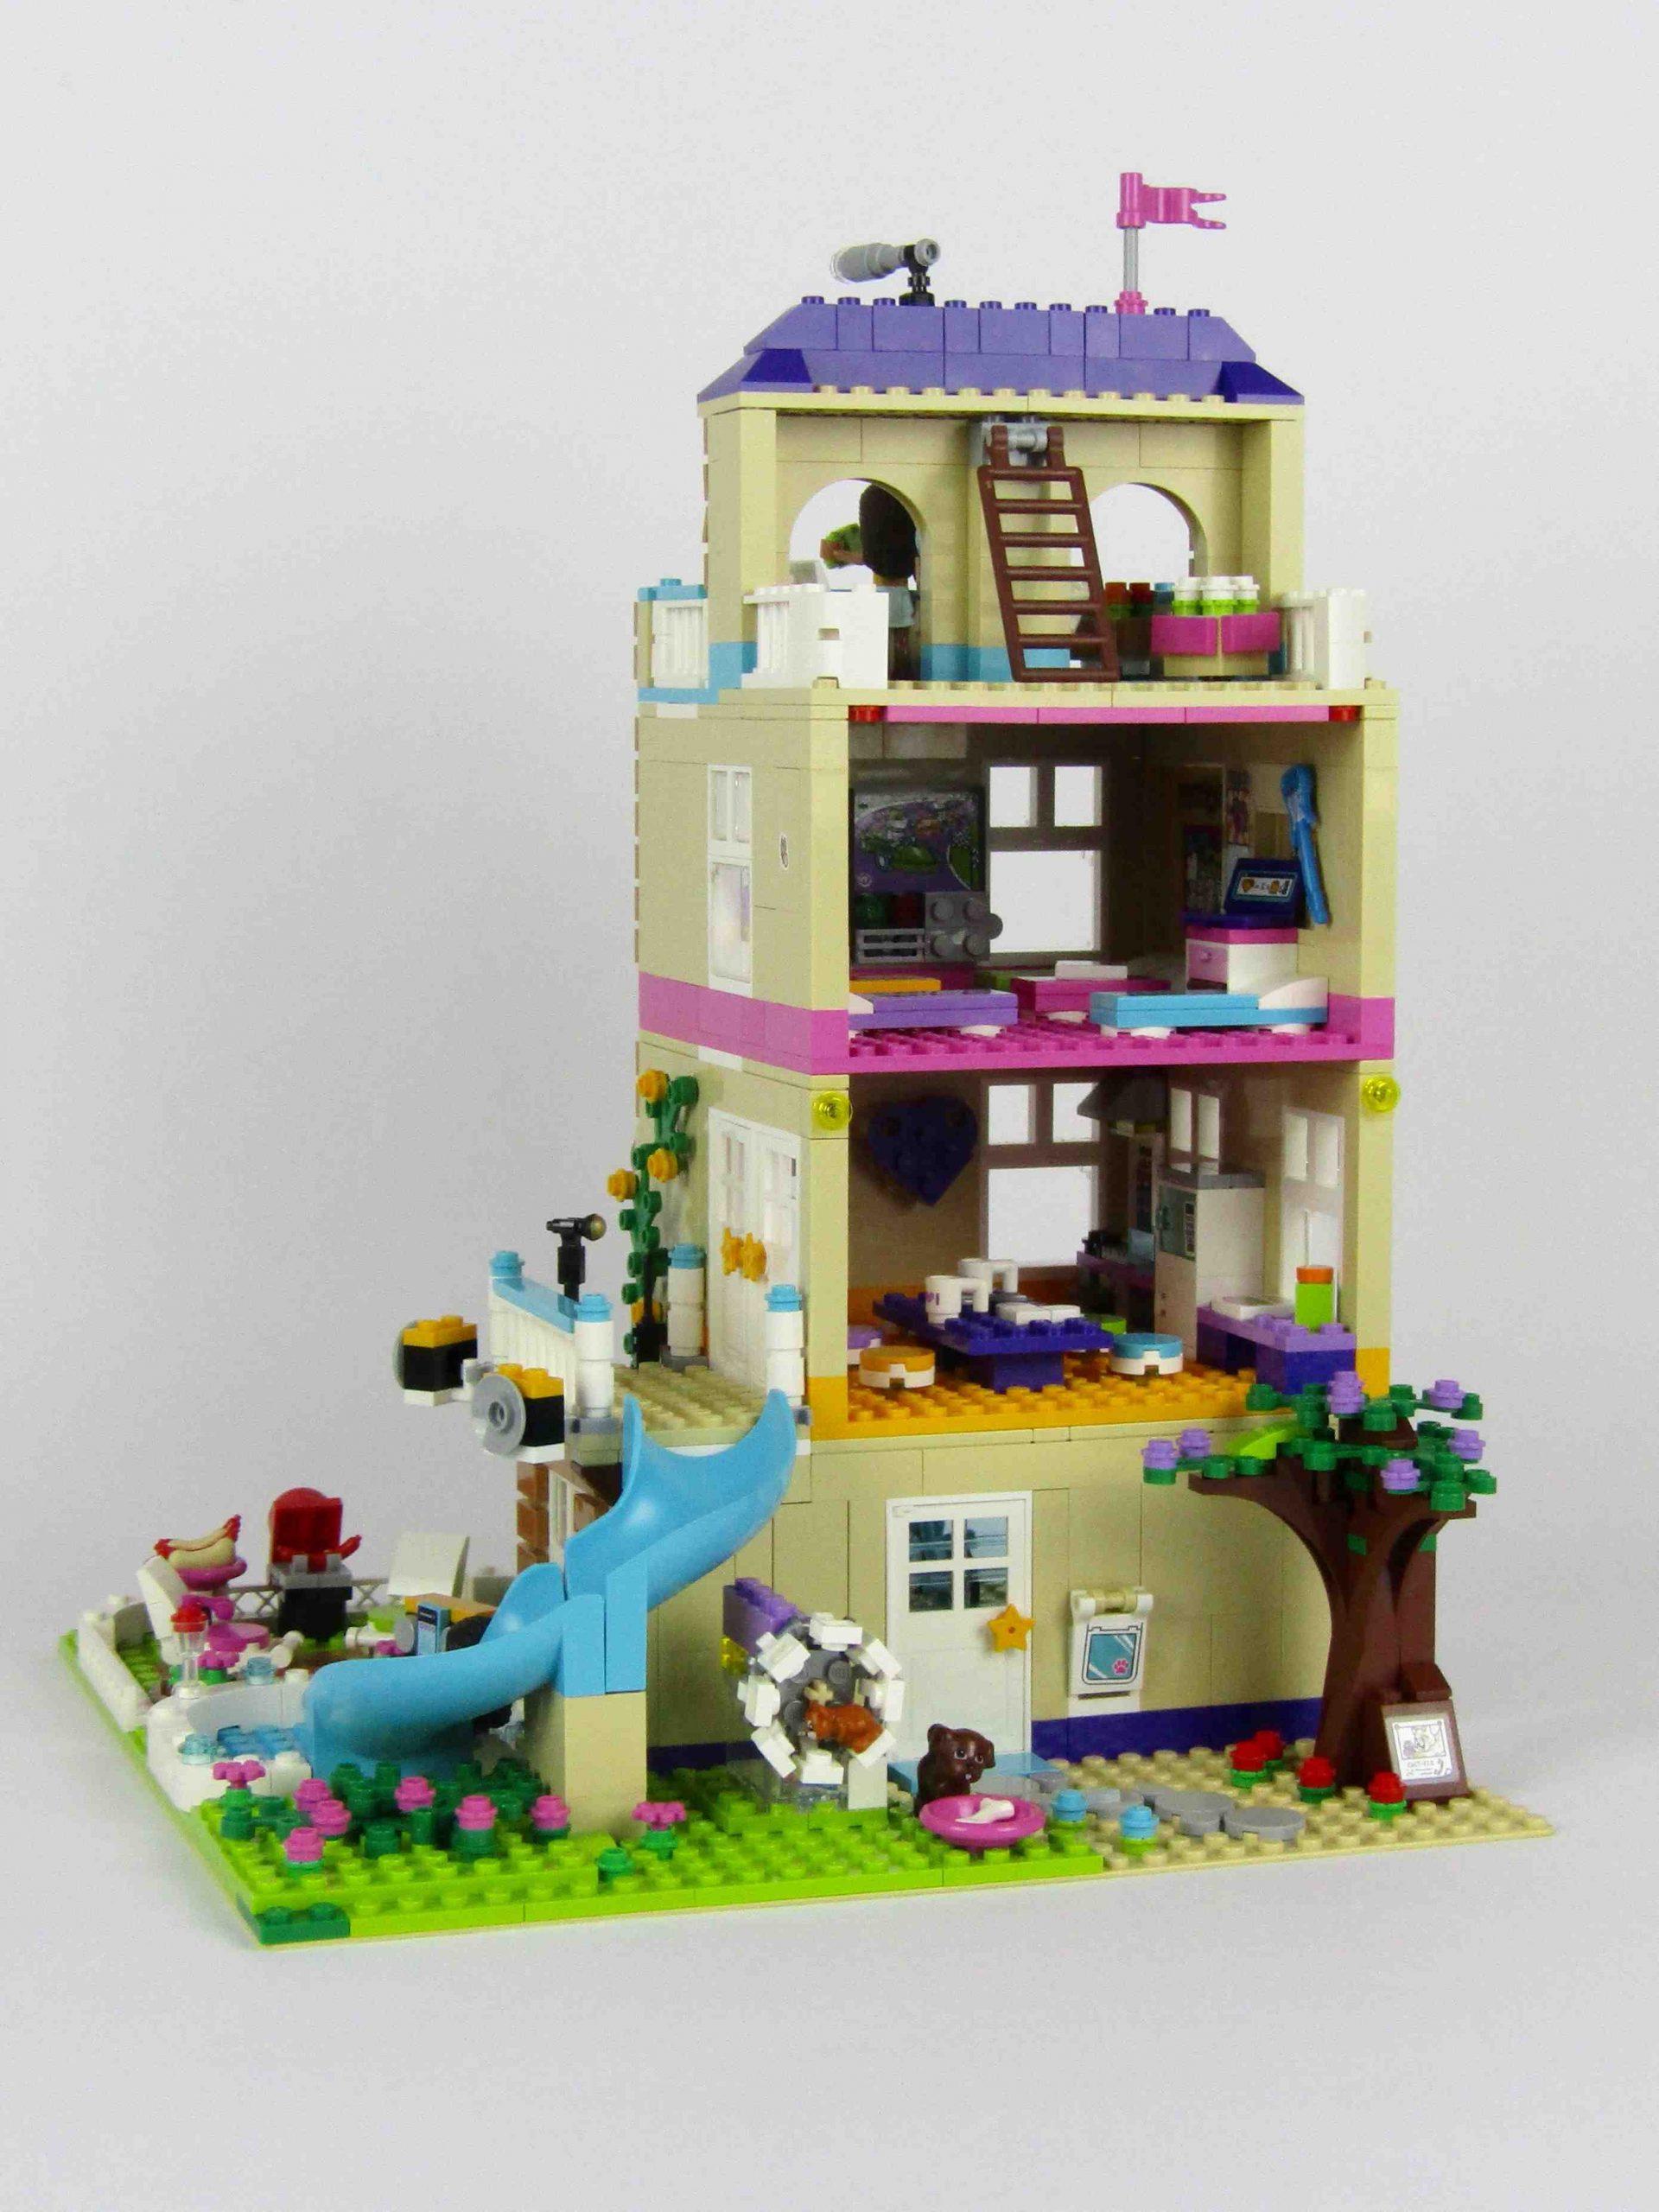 Où est fabriqué LEGO ?